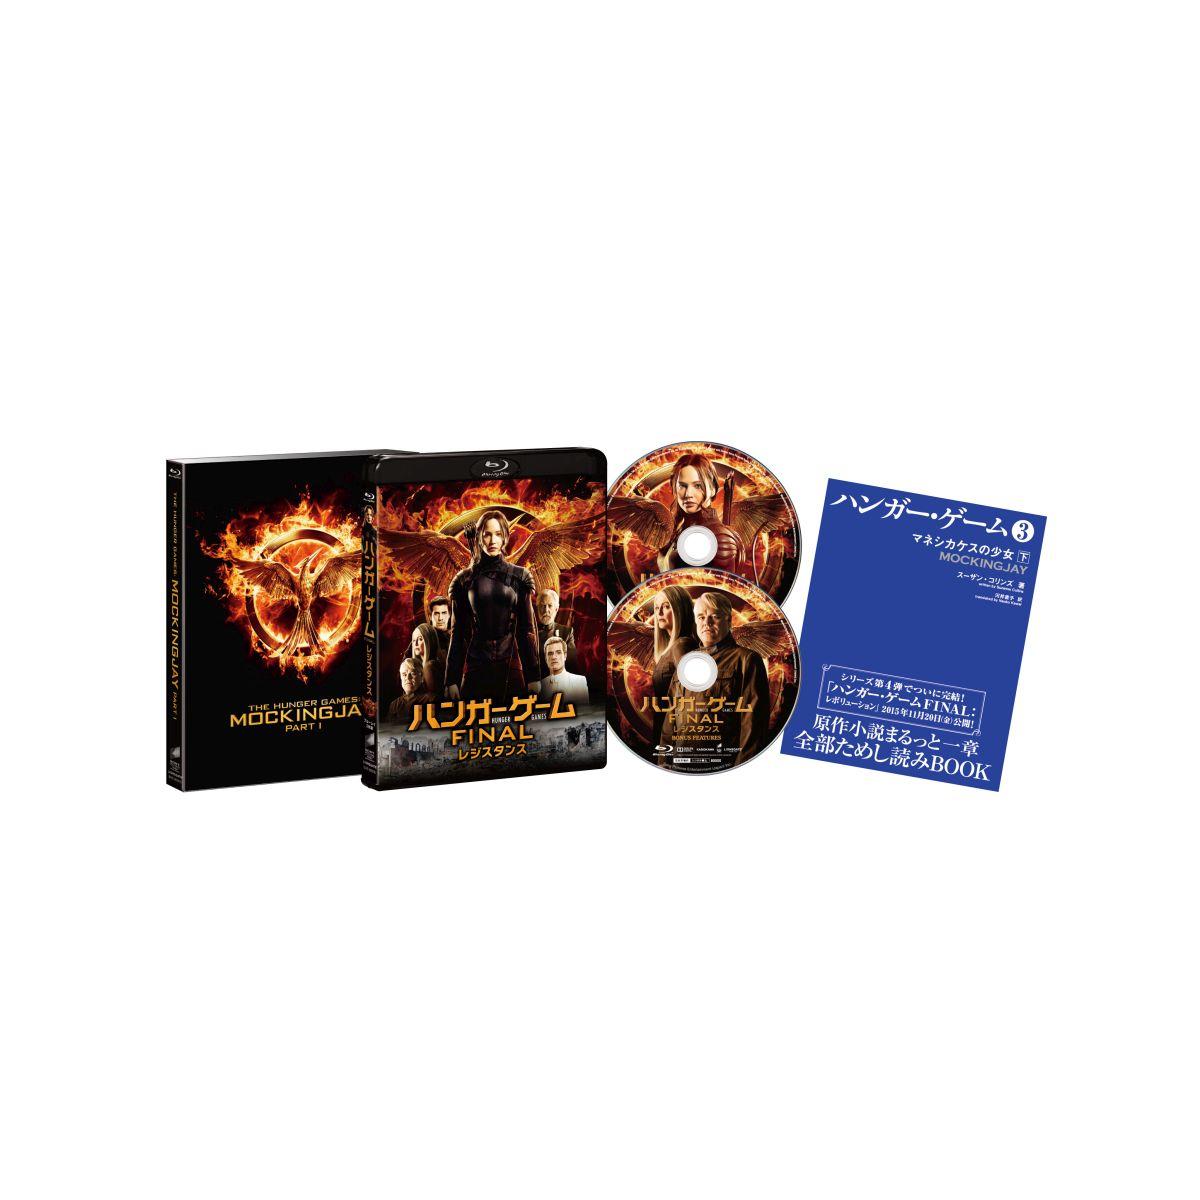 ハンガー・ゲーム FINAL:レジスタンス【初回生産限定】[BASL-80628][Blu-ray/ブルーレイ] 製品画像